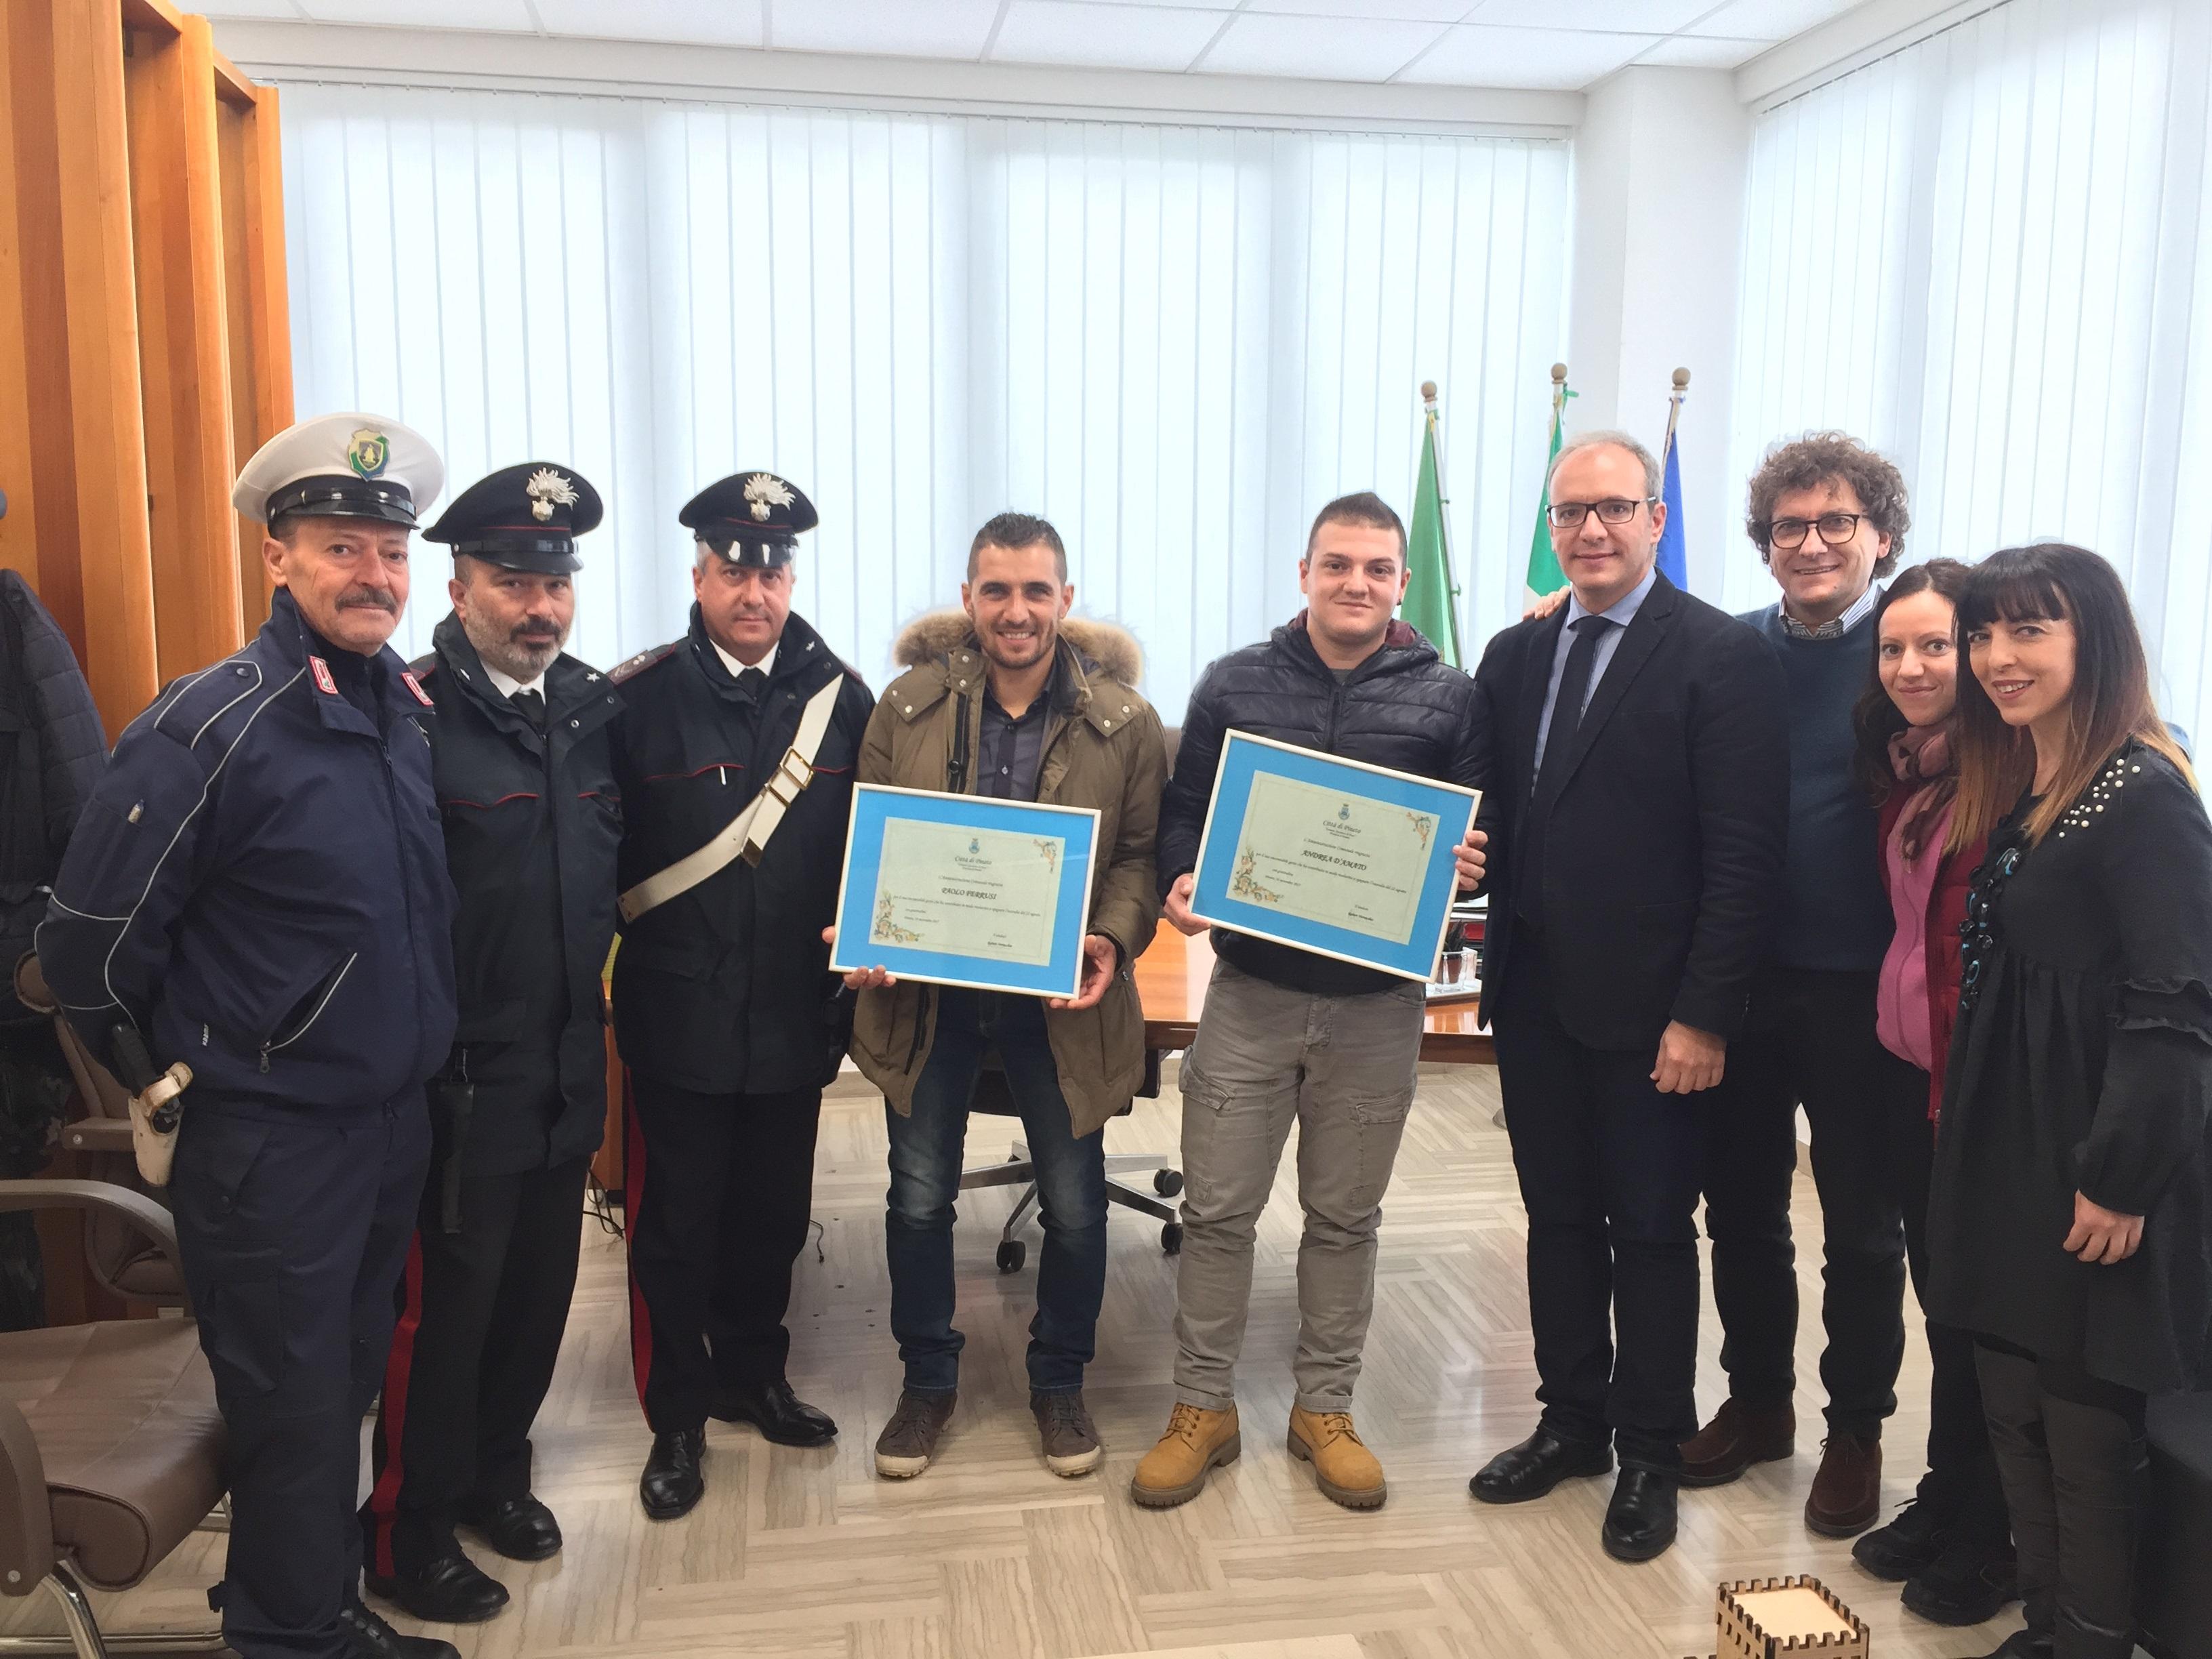 Motociclismo, Patacca e Ponzio ricevono i riconoscimenti dell'amministrazione di Pineto